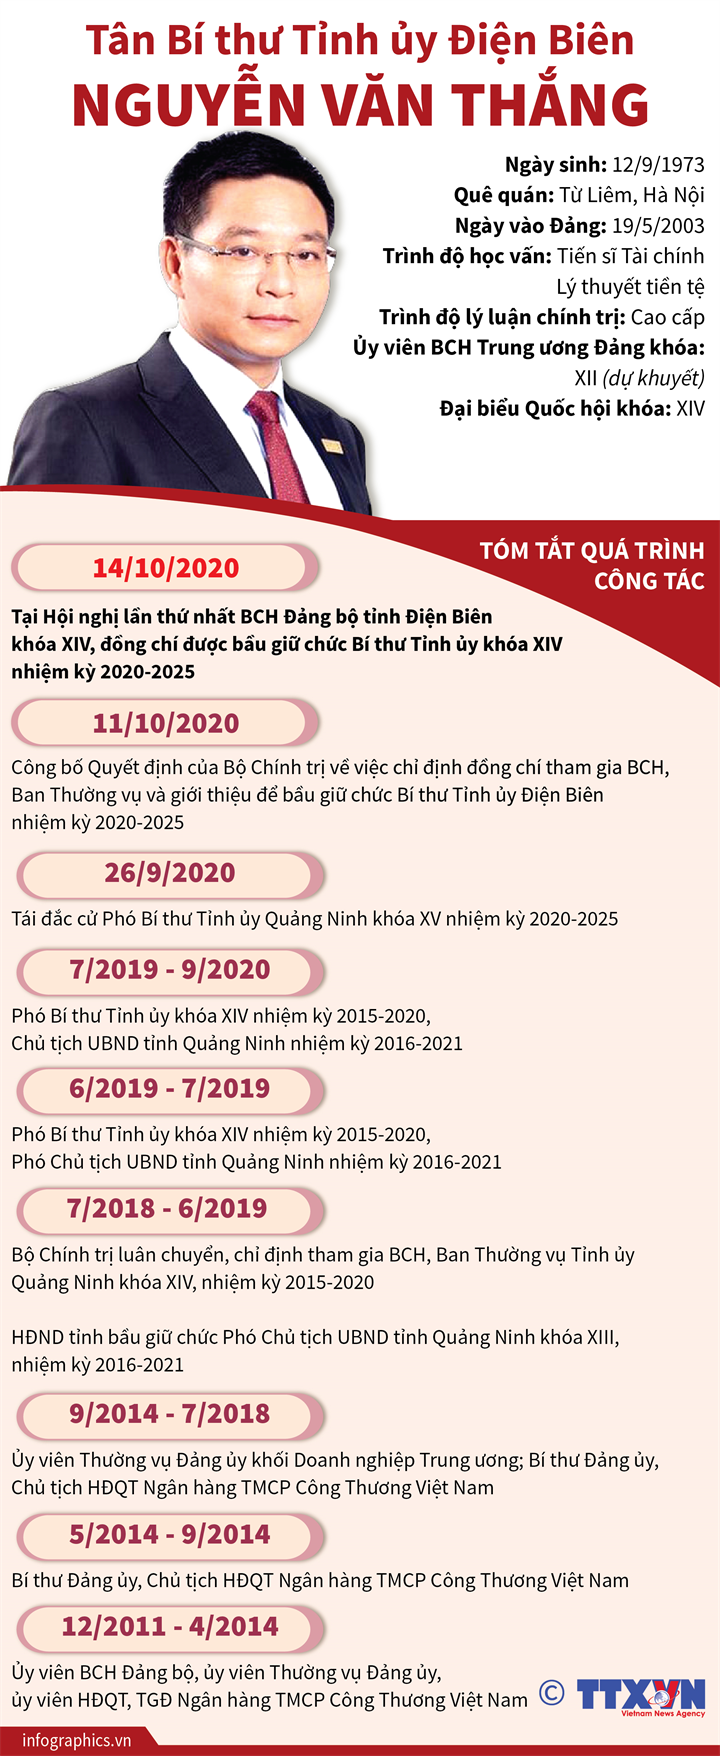 Tân Bí thư Tỉnh ủy Điện Biên Nguyễn Văn Thắng